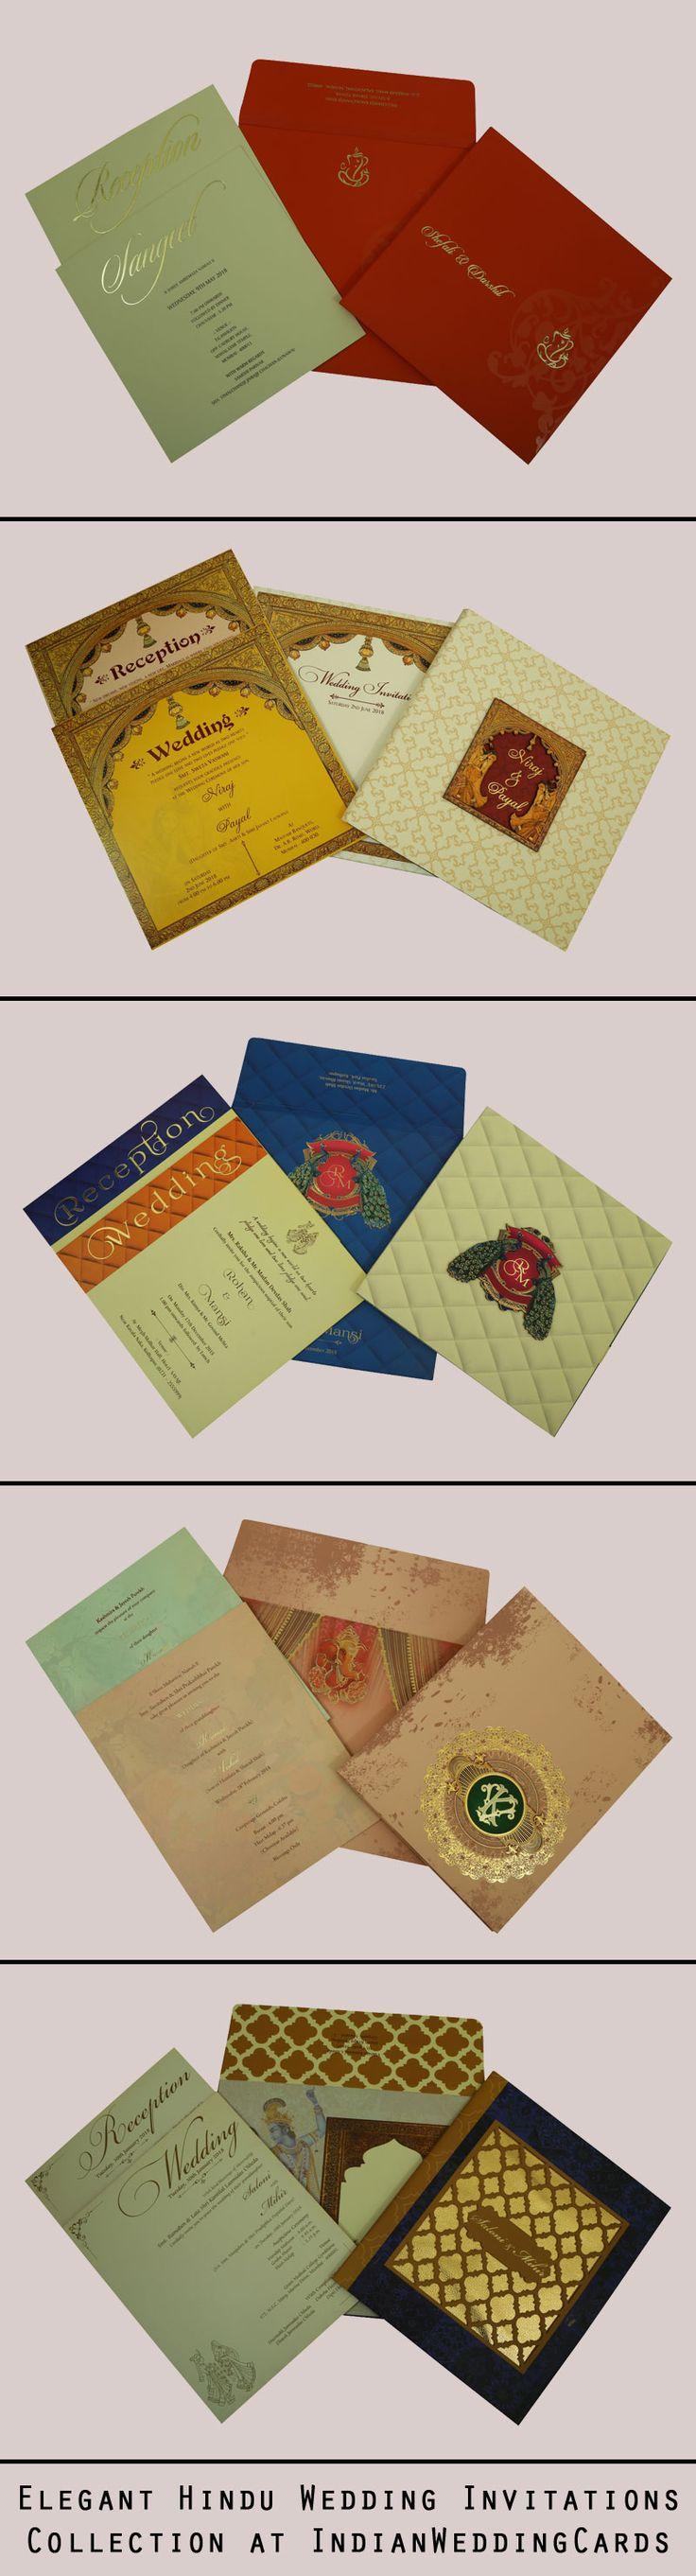 indian wedding hindu invitations%0A Hindu wedding invitations    hindu  weddings  artwork  cardmaking   weddinginspiration